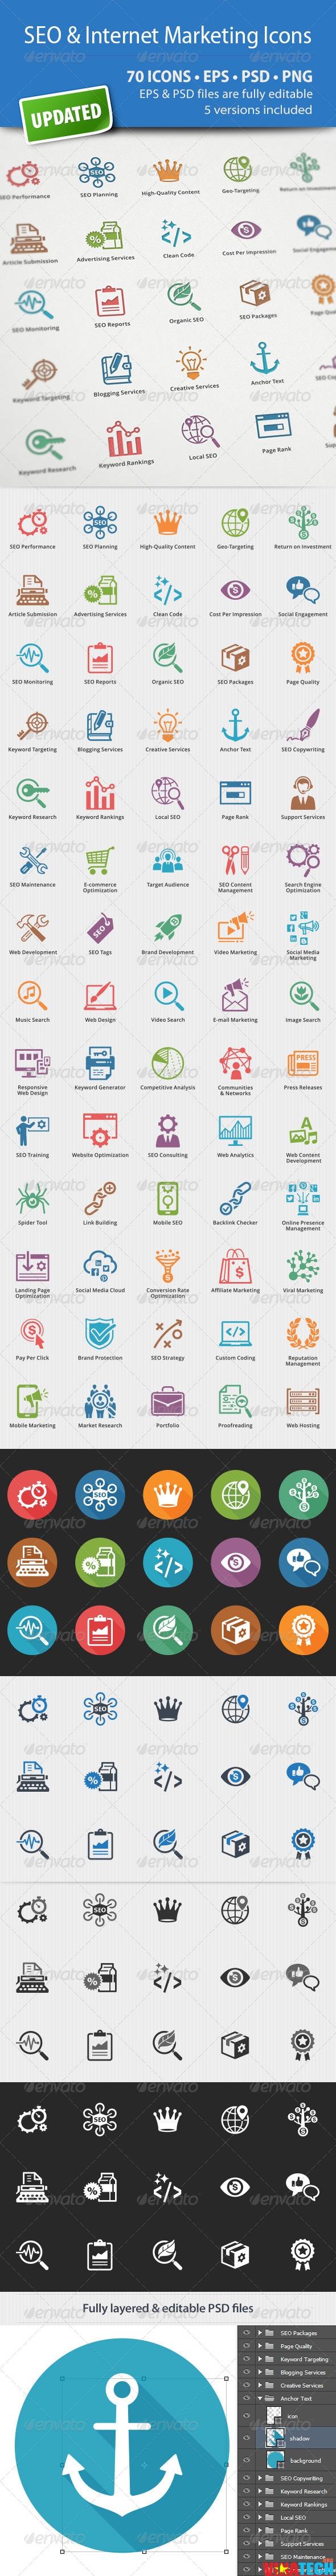 Share bộ 70 icon SEO và Internet Marketing